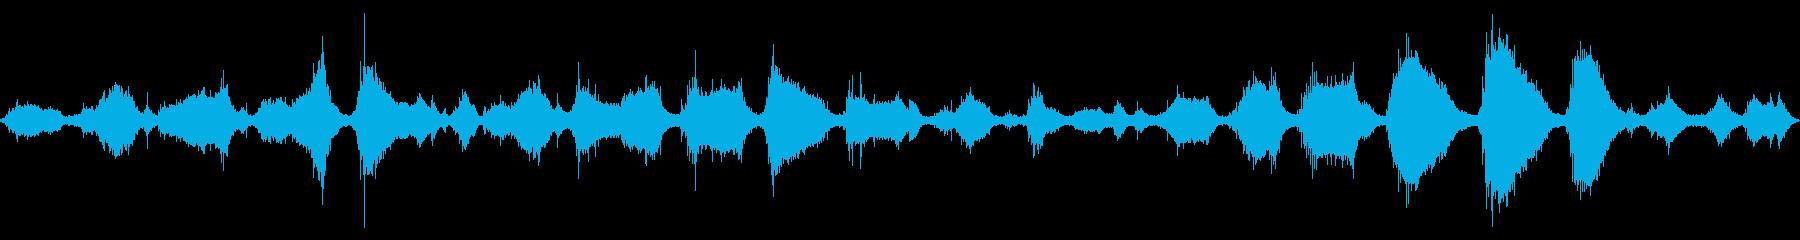 大浜海岸の波の音 5 【徳島】砂利の音の再生済みの波形